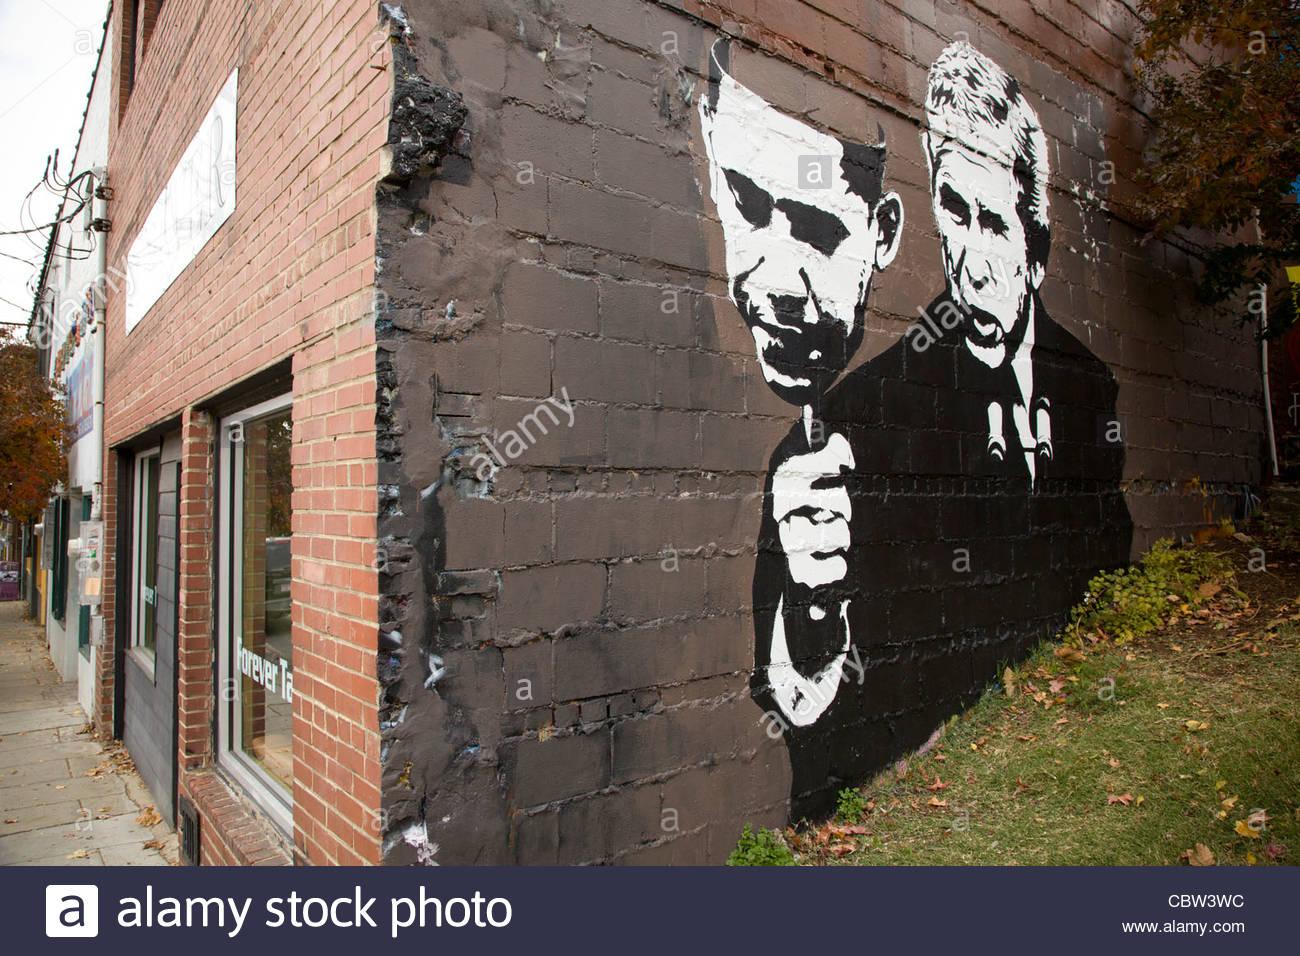 Wall Graffiti, Asheville, North Carolina - Stock Image